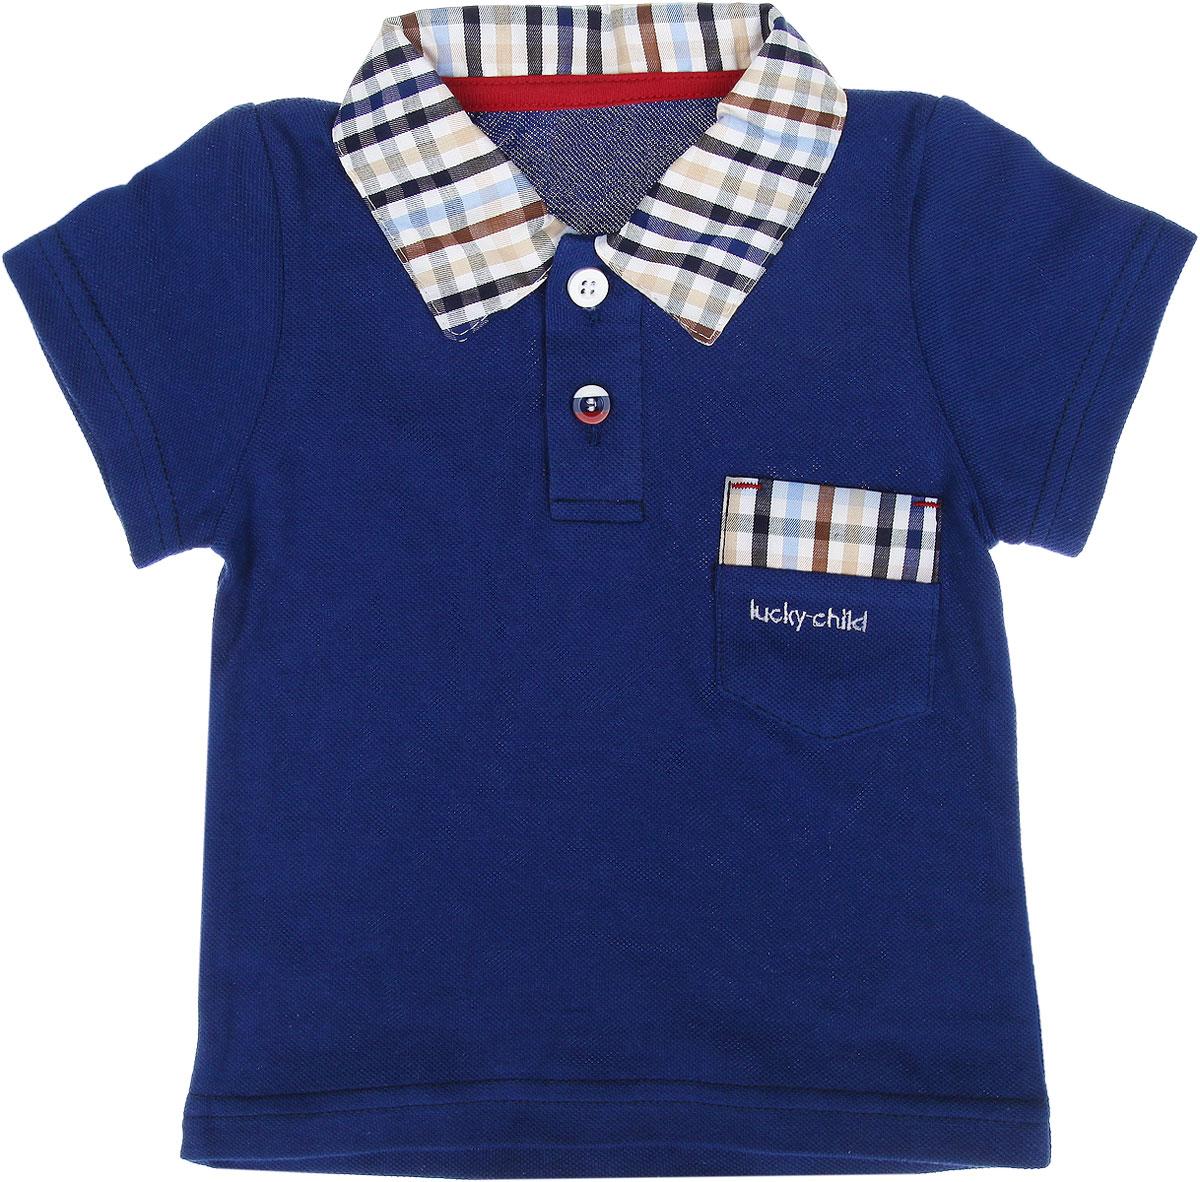 40-50Модная футболка-поло для мальчика Lucky Child идеально подойдет для вашего маленького мужчины. Изготовленная из натурального хлопка, она необычайно мягкая и приятная на ощупь, не сковывает движения и позволяет коже дышать, не раздражает даже самую нежную и чувствительную кожу, обеспечивая наибольший комфорт. Футболка с короткими рукавами и отложным воротником-поло спереди застегивается на две пуговицы. На груди предусмотрен накладной кармашек. Воротник и верхняя часть кармана оформлены принтом в клетку. Современный дизайн и расцветка делают эту футболку модным и стильным предметом детского гардероба. В ней ваш ребенок будет чувствовать себя уютно и комфортно, и всегда будет в центре внимания!